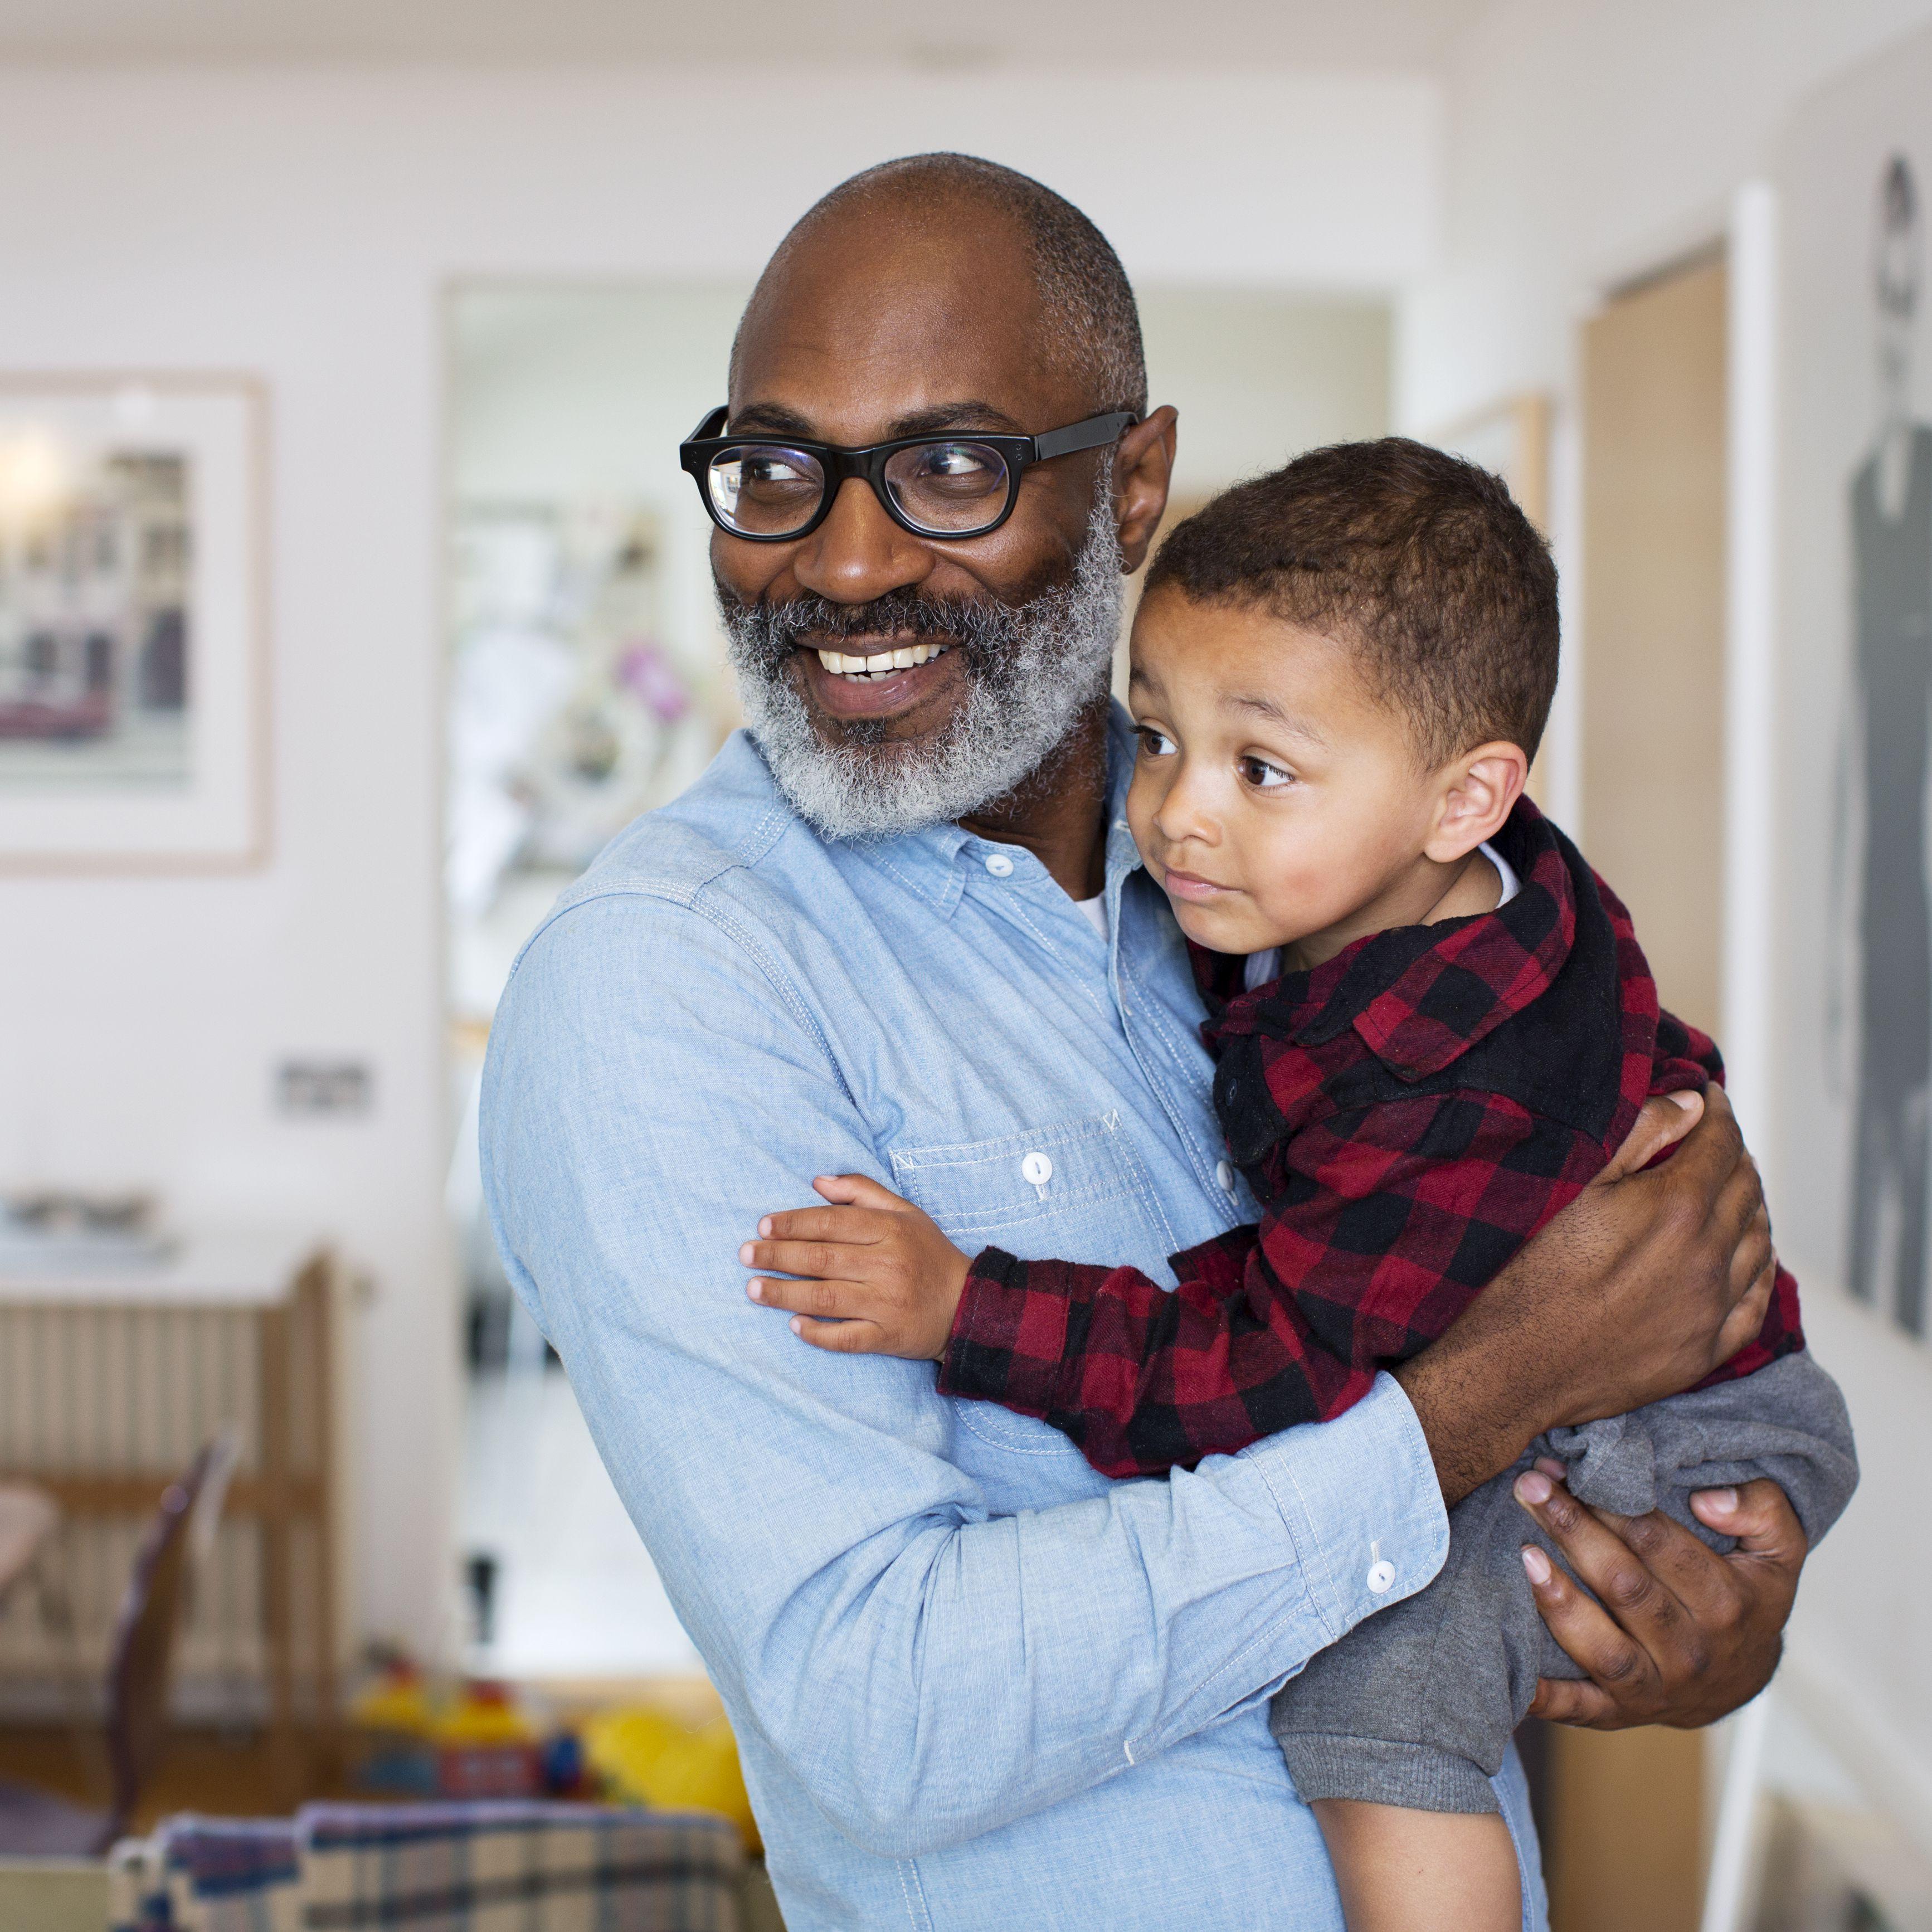 Should Grandparents Sue for Custody of a Grandchild?